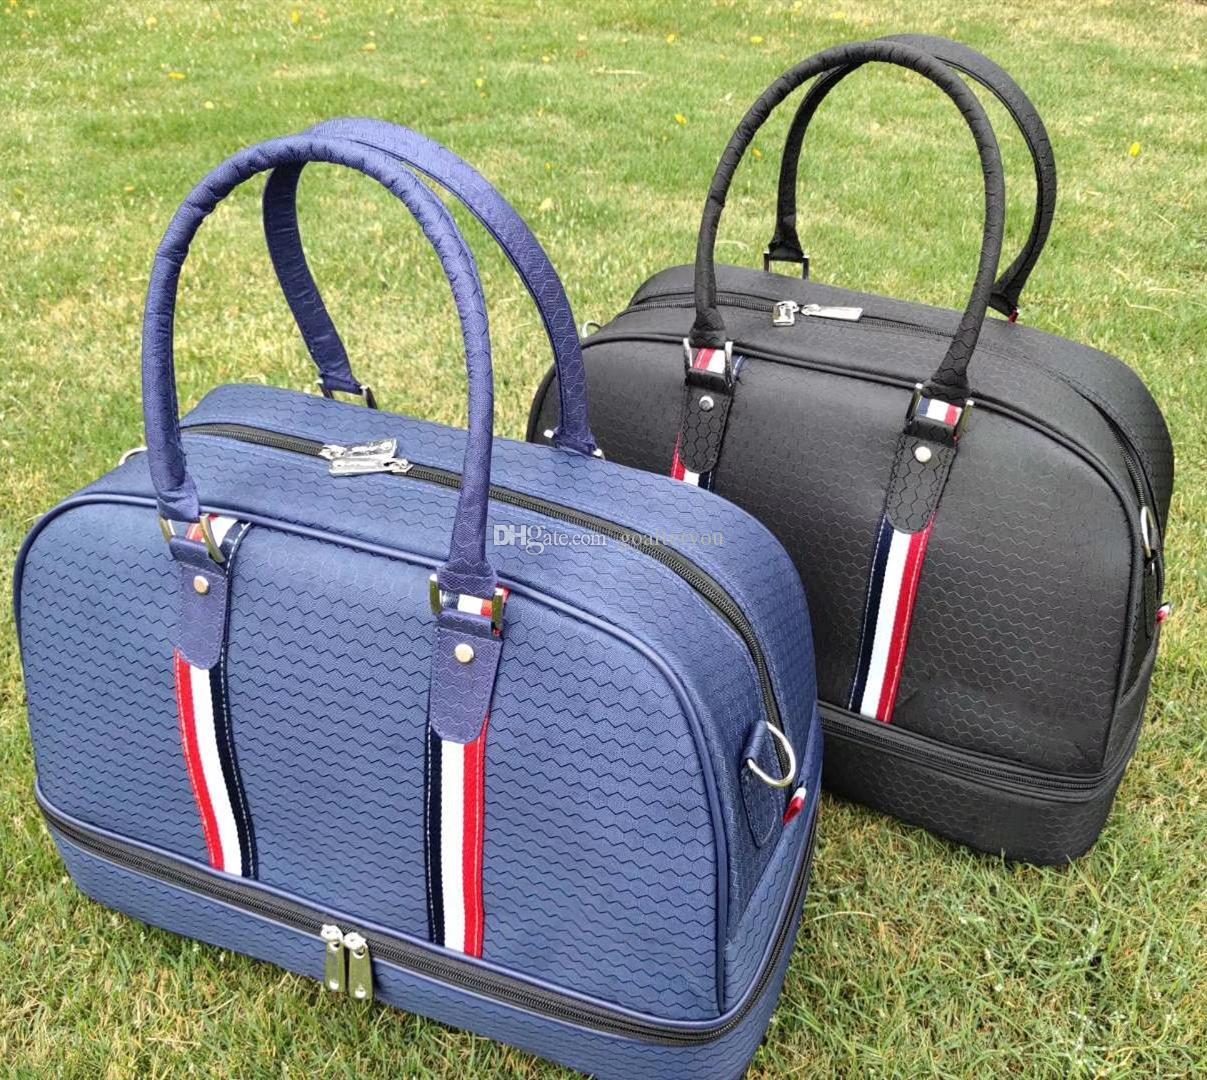 أسود أزرق جولف بوسطن حقيبة ذات نوعية جيدة جولف الملابس حقيبة أحذية حقيبة